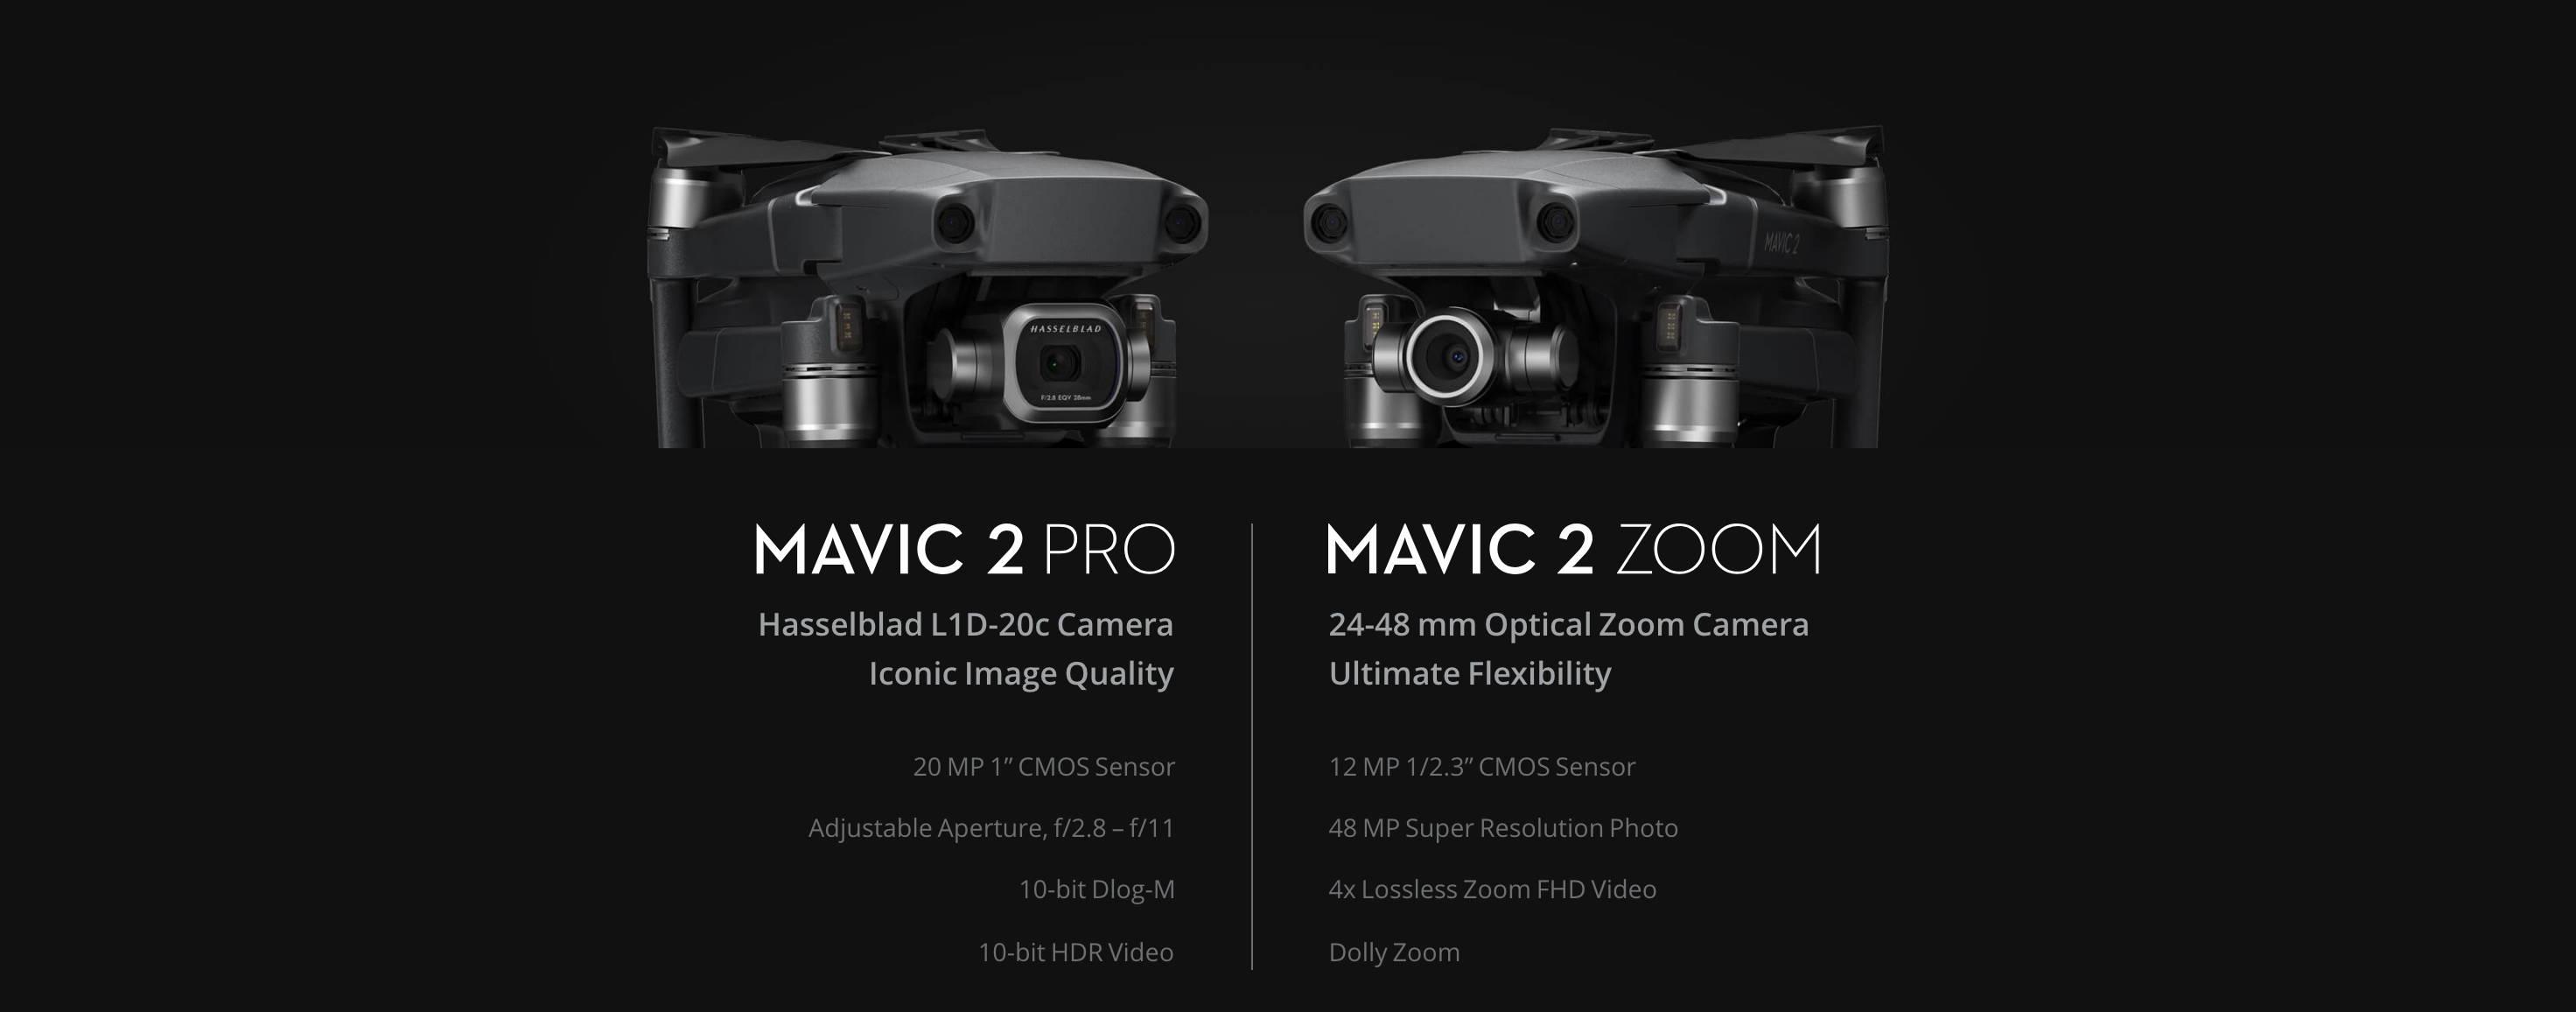 Mavic 2 Pro Mavic 2 Zoom